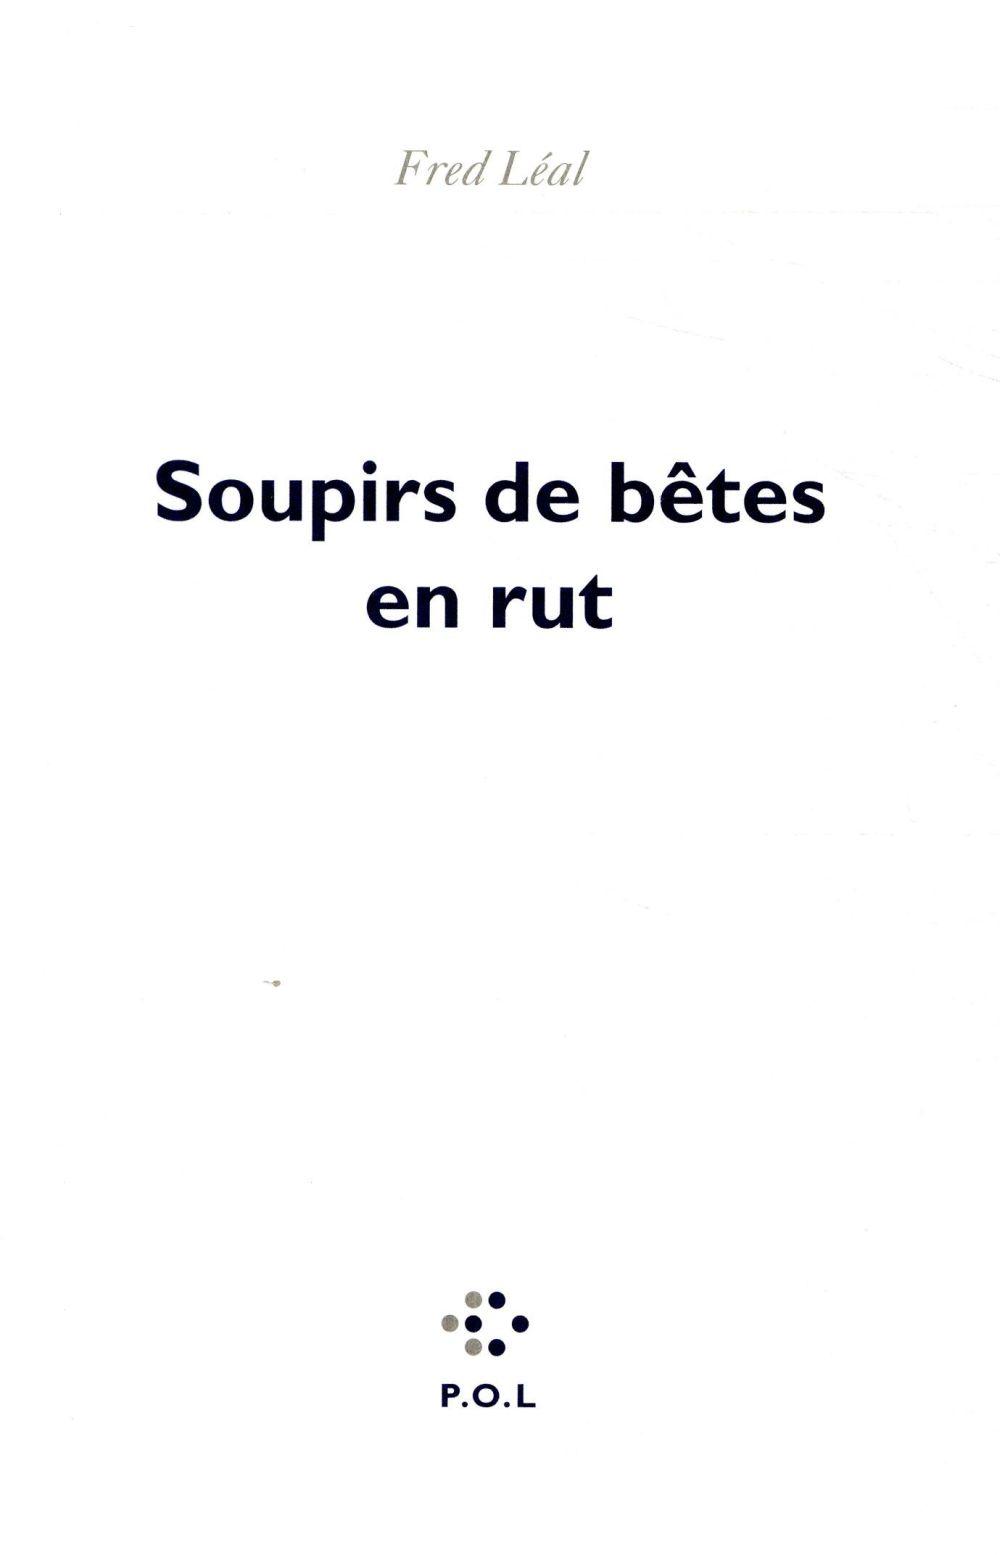 SOUPIRS DE BETES EN RUT